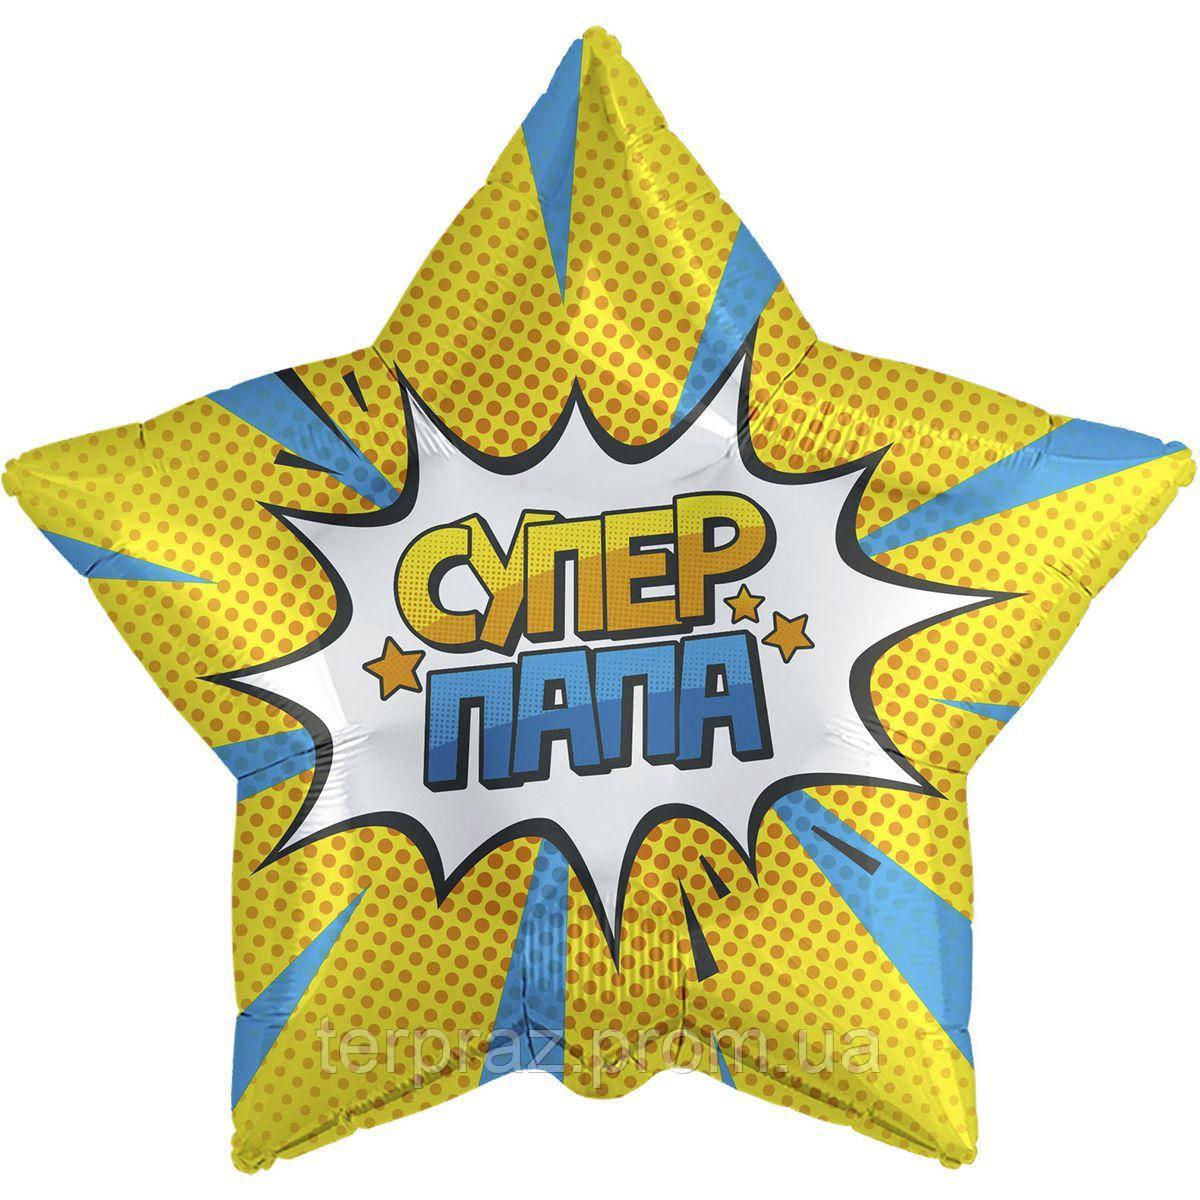 """Фольгированные шары с рисунком  18"""" рус супер папа звезда желтая"""